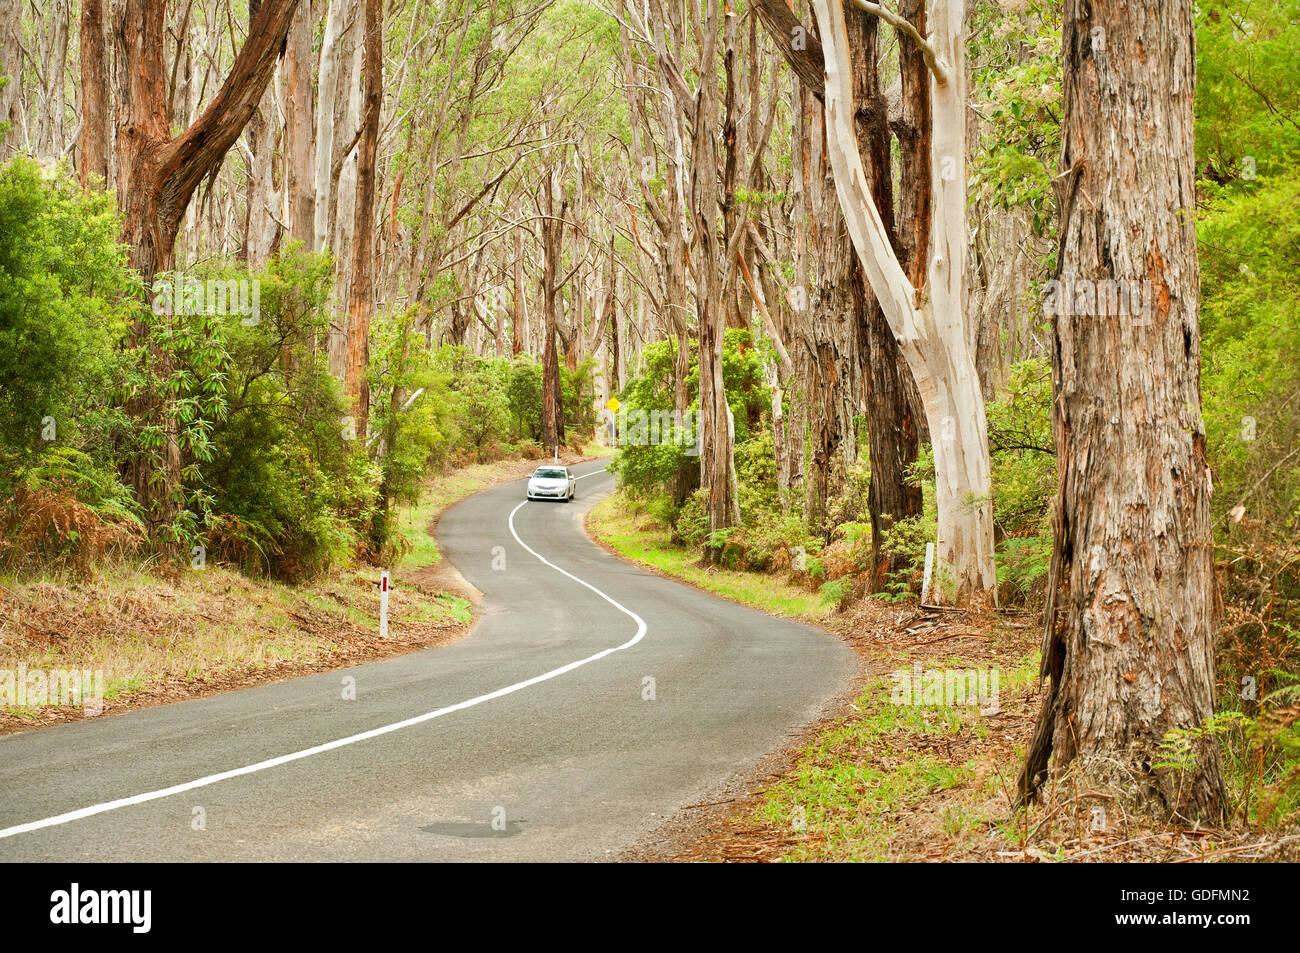 Auto auf einer Straße durch alten Eukalyptus-Wald. Stockbild